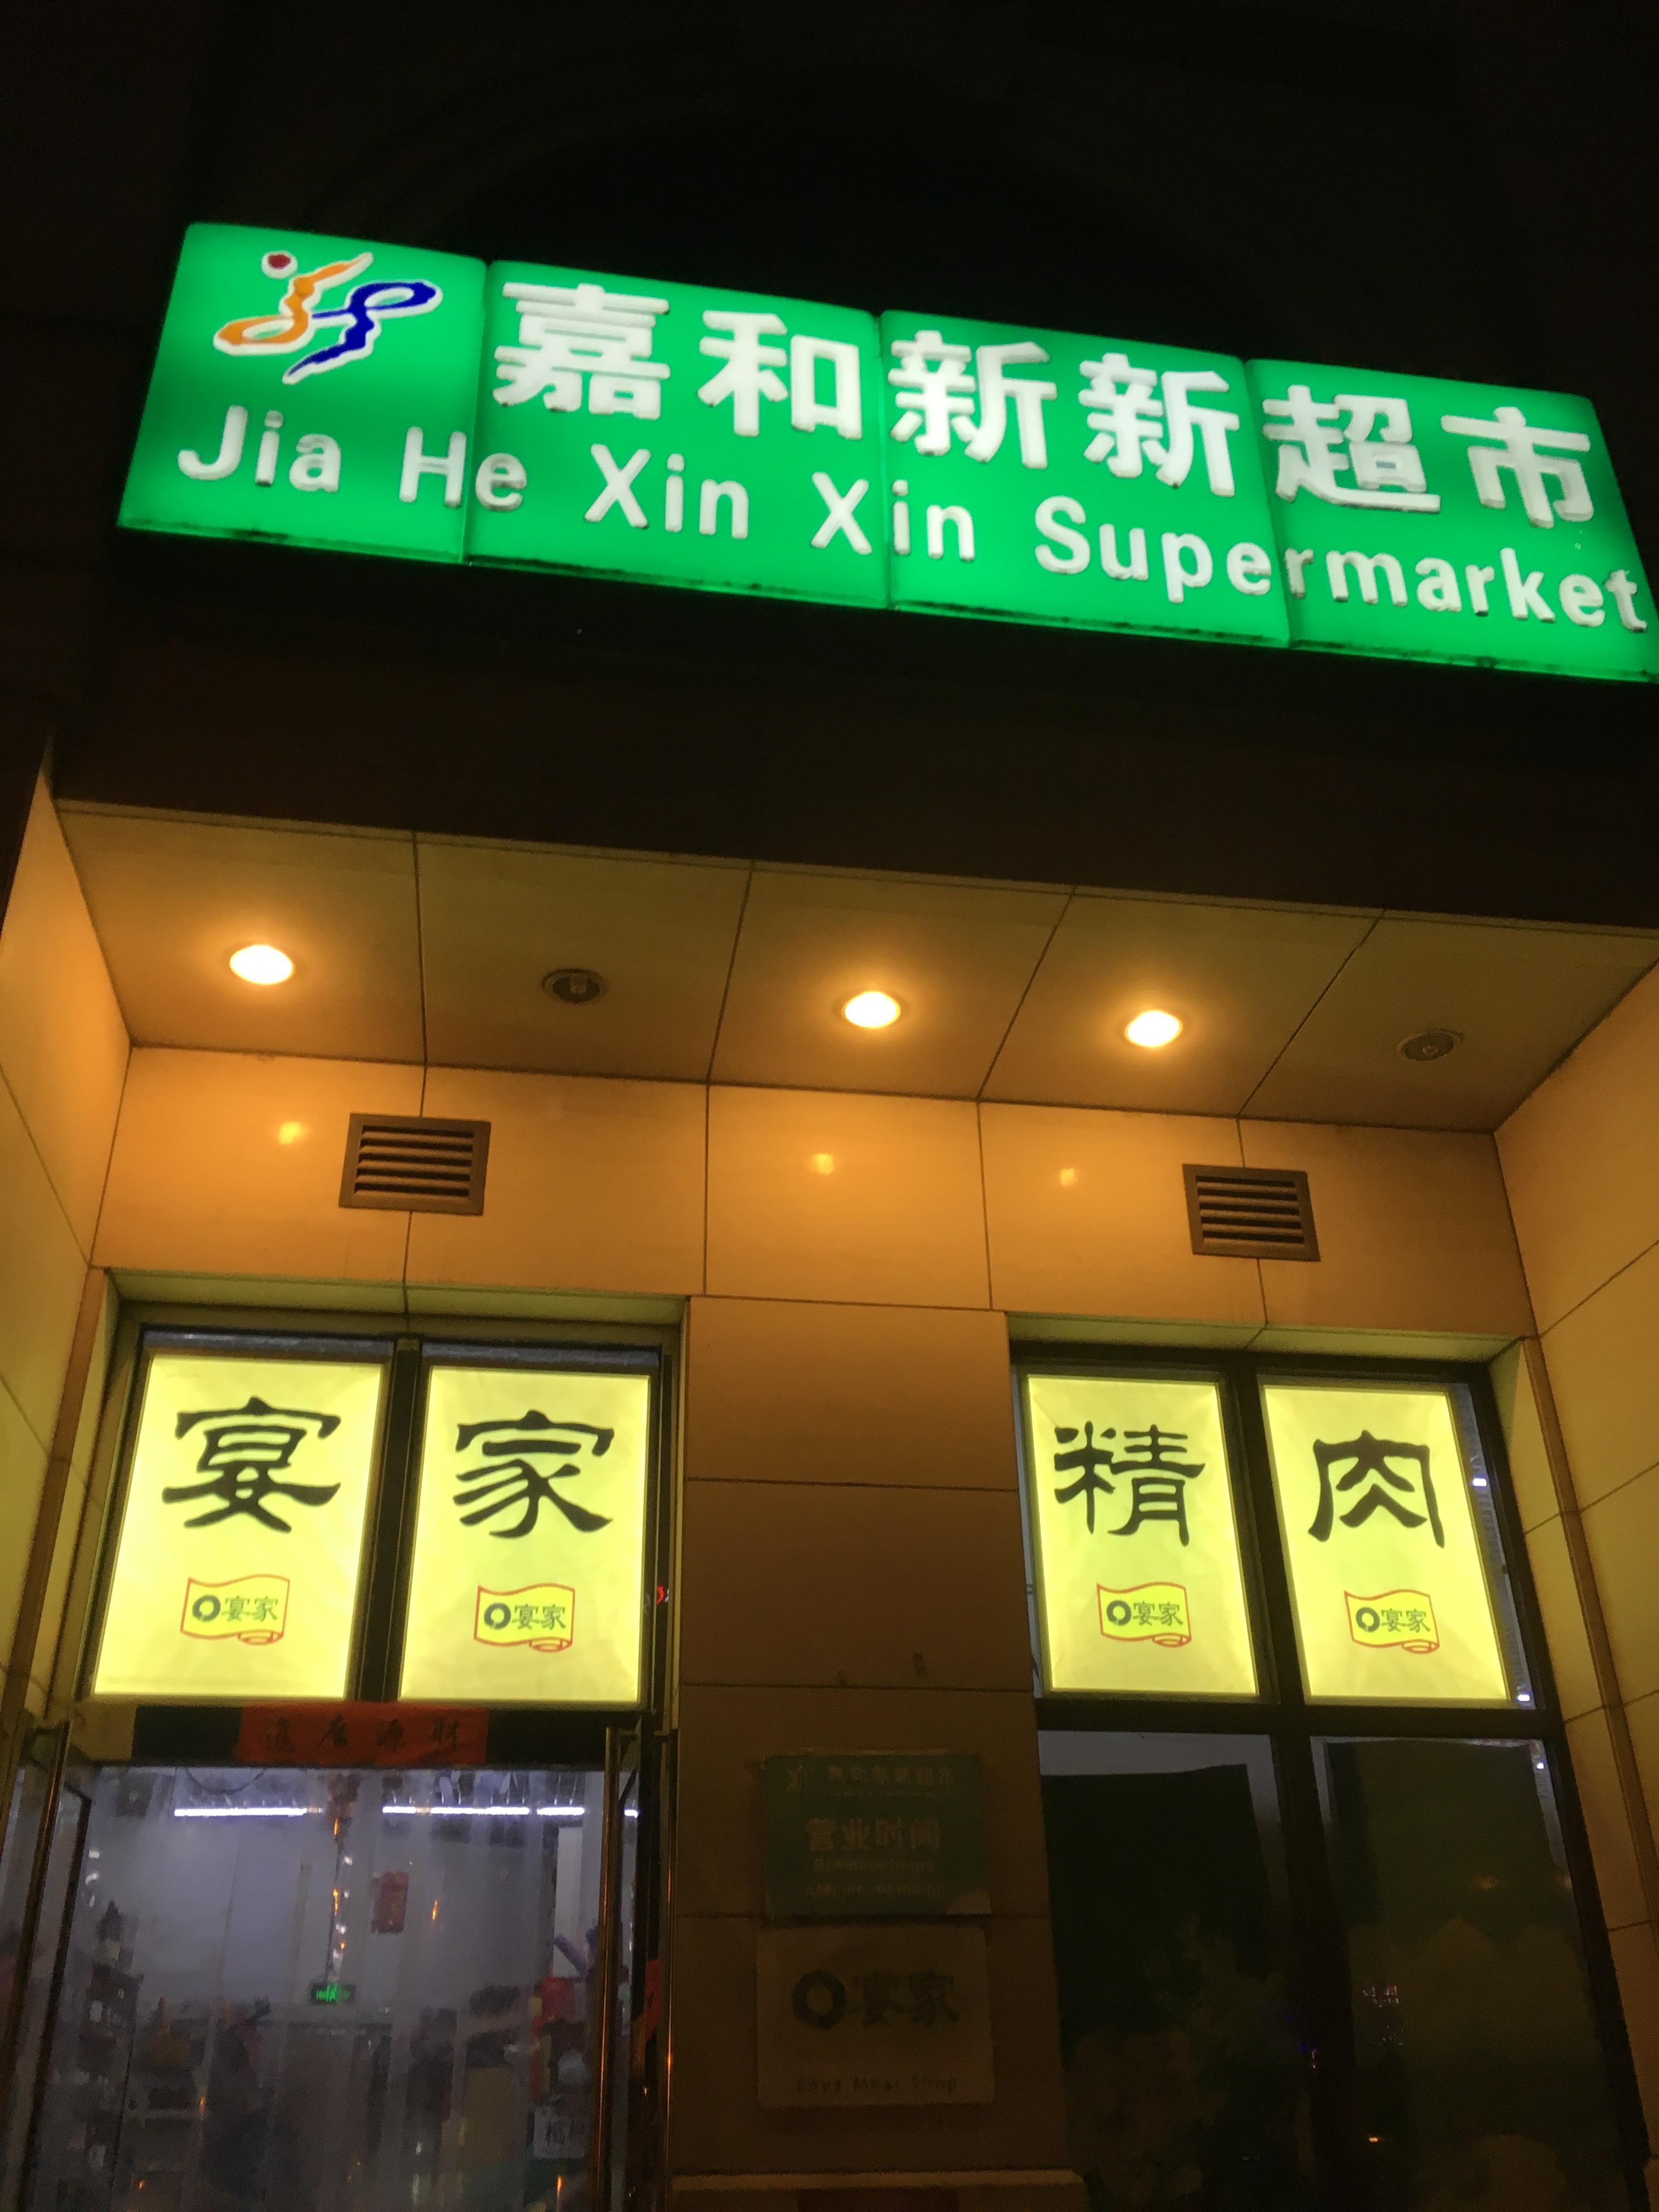 嘉和新新超市